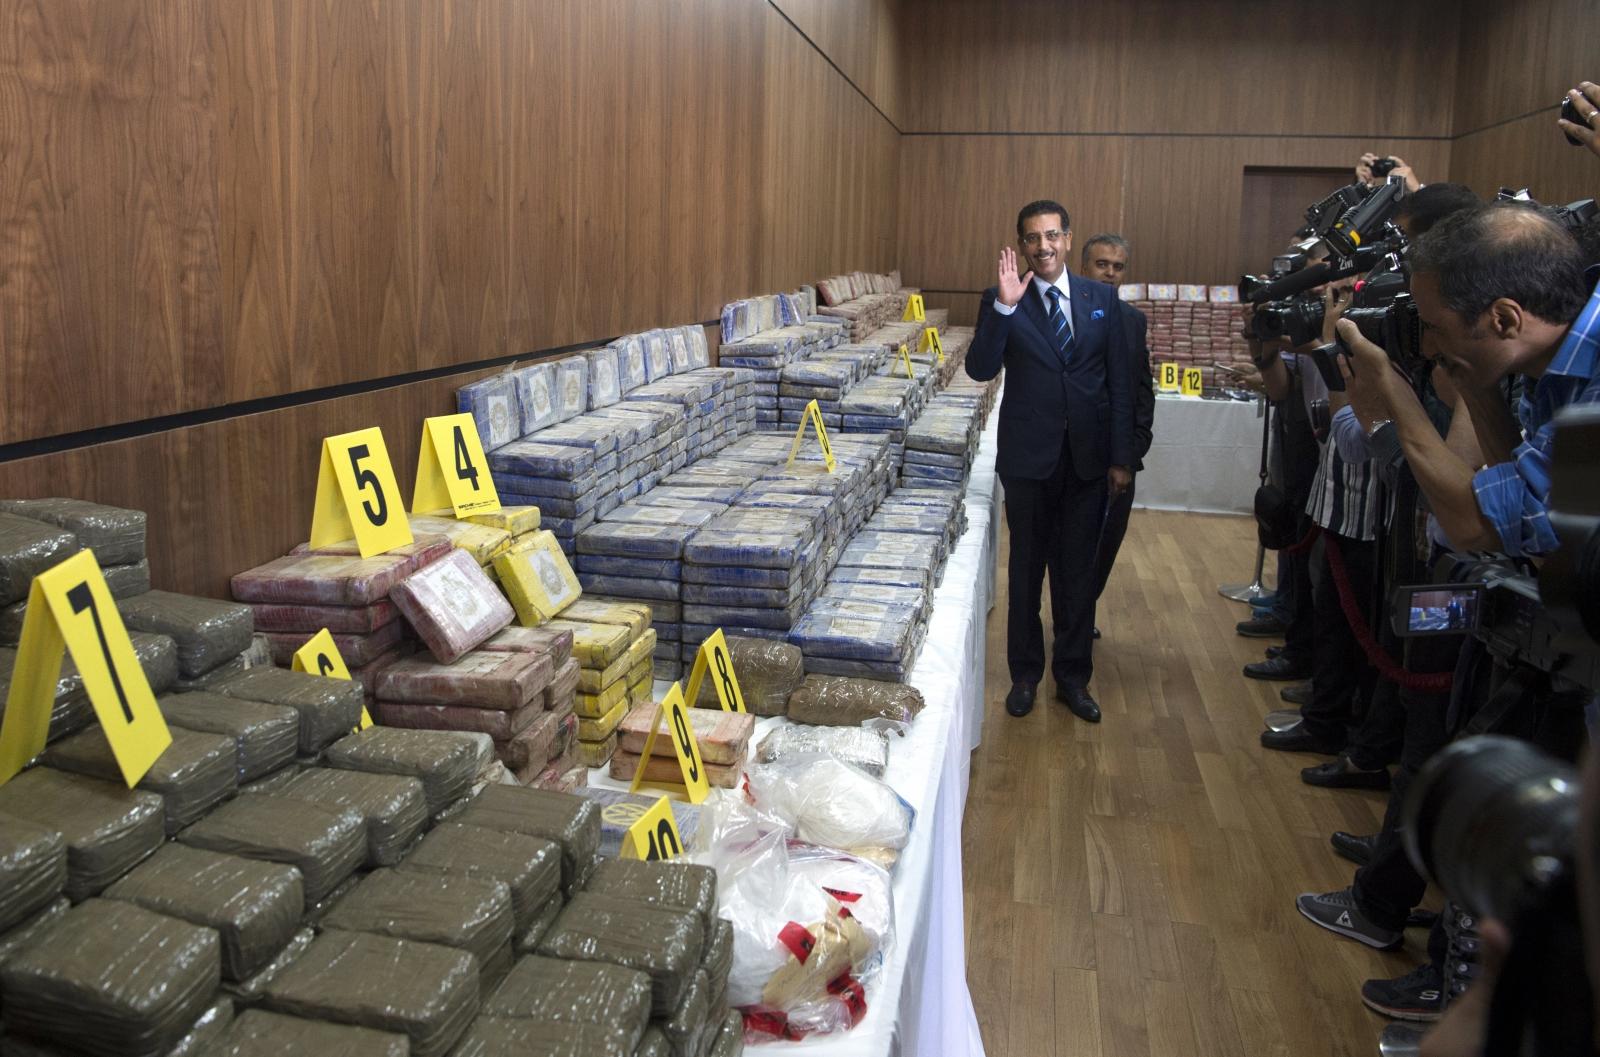 Abdelhak Khiame z Marokańskiego Centralnego Biura Śledczego pokazuje dziennikarzom zarekwirowaną kokainę.